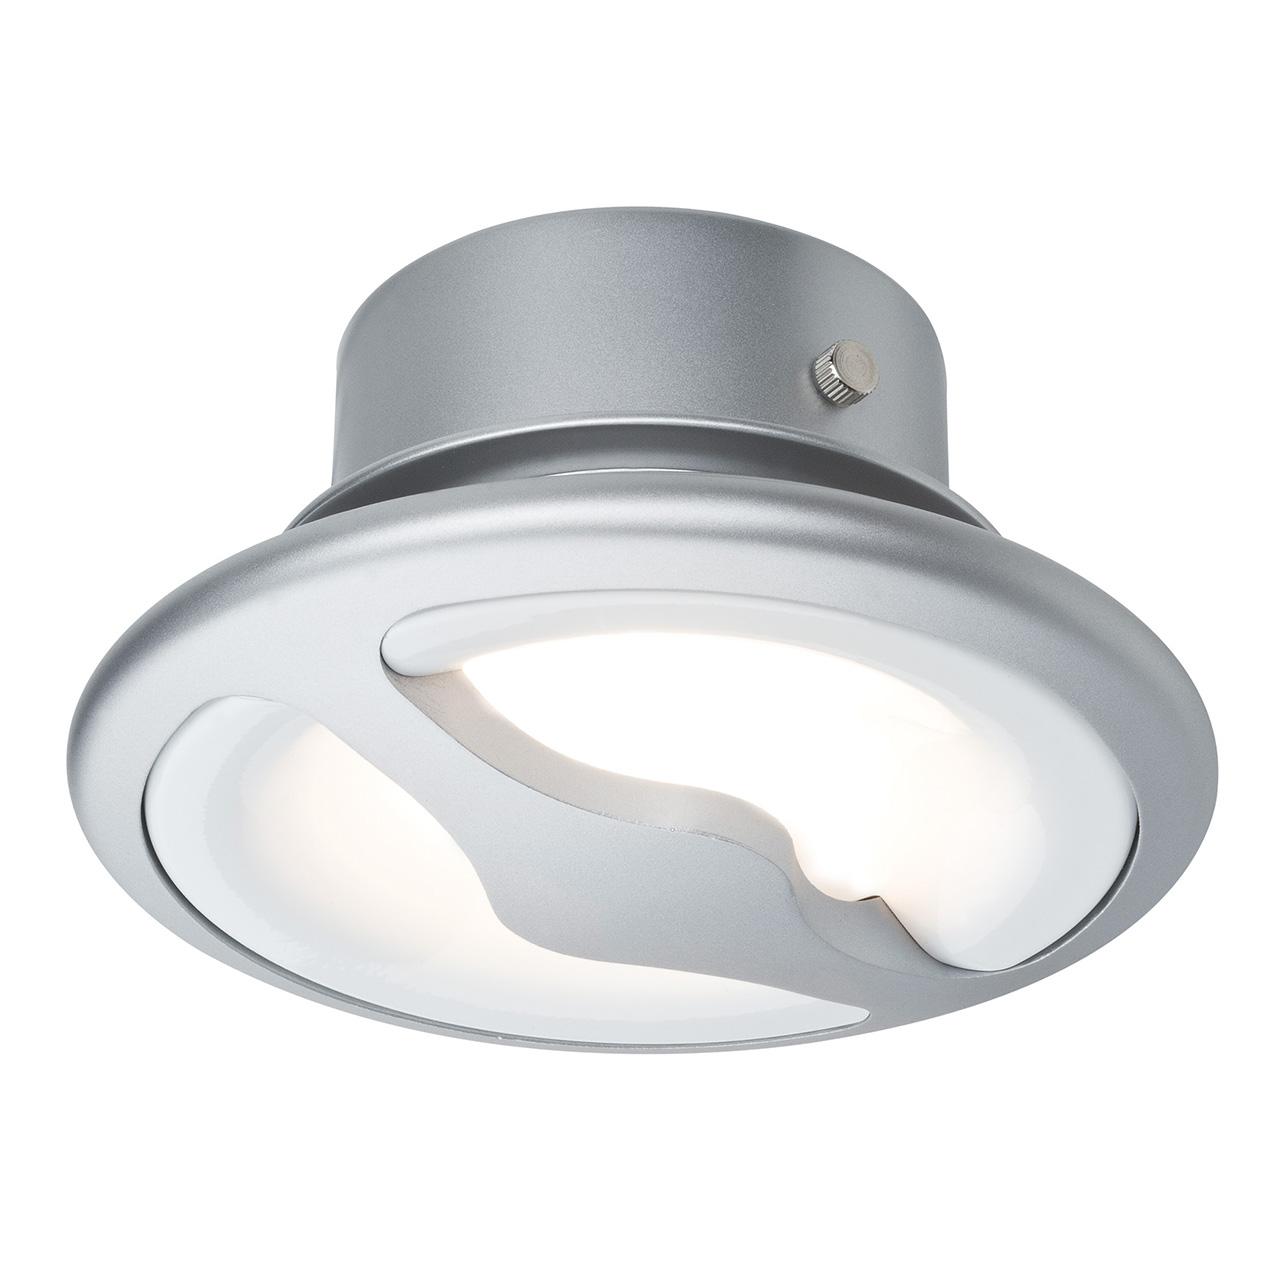 Купить Встраиваемый светодиодный светильник Paulmann Premium Line Side Led, inmyroom, Германия